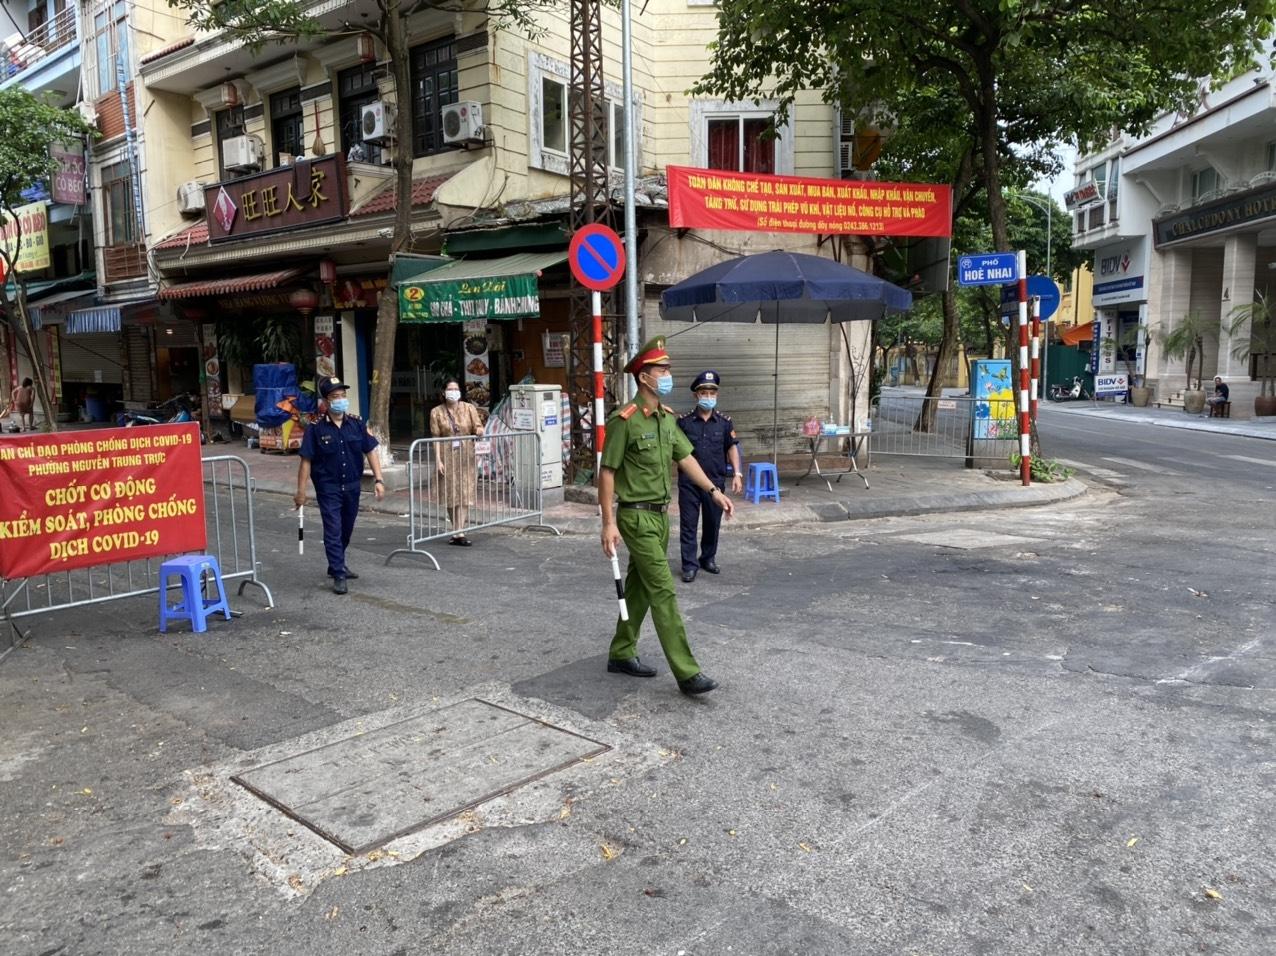 Hà Nội: Quận Ba Đình lập thêm 10 chốt kiểm soát dịch COVID-19